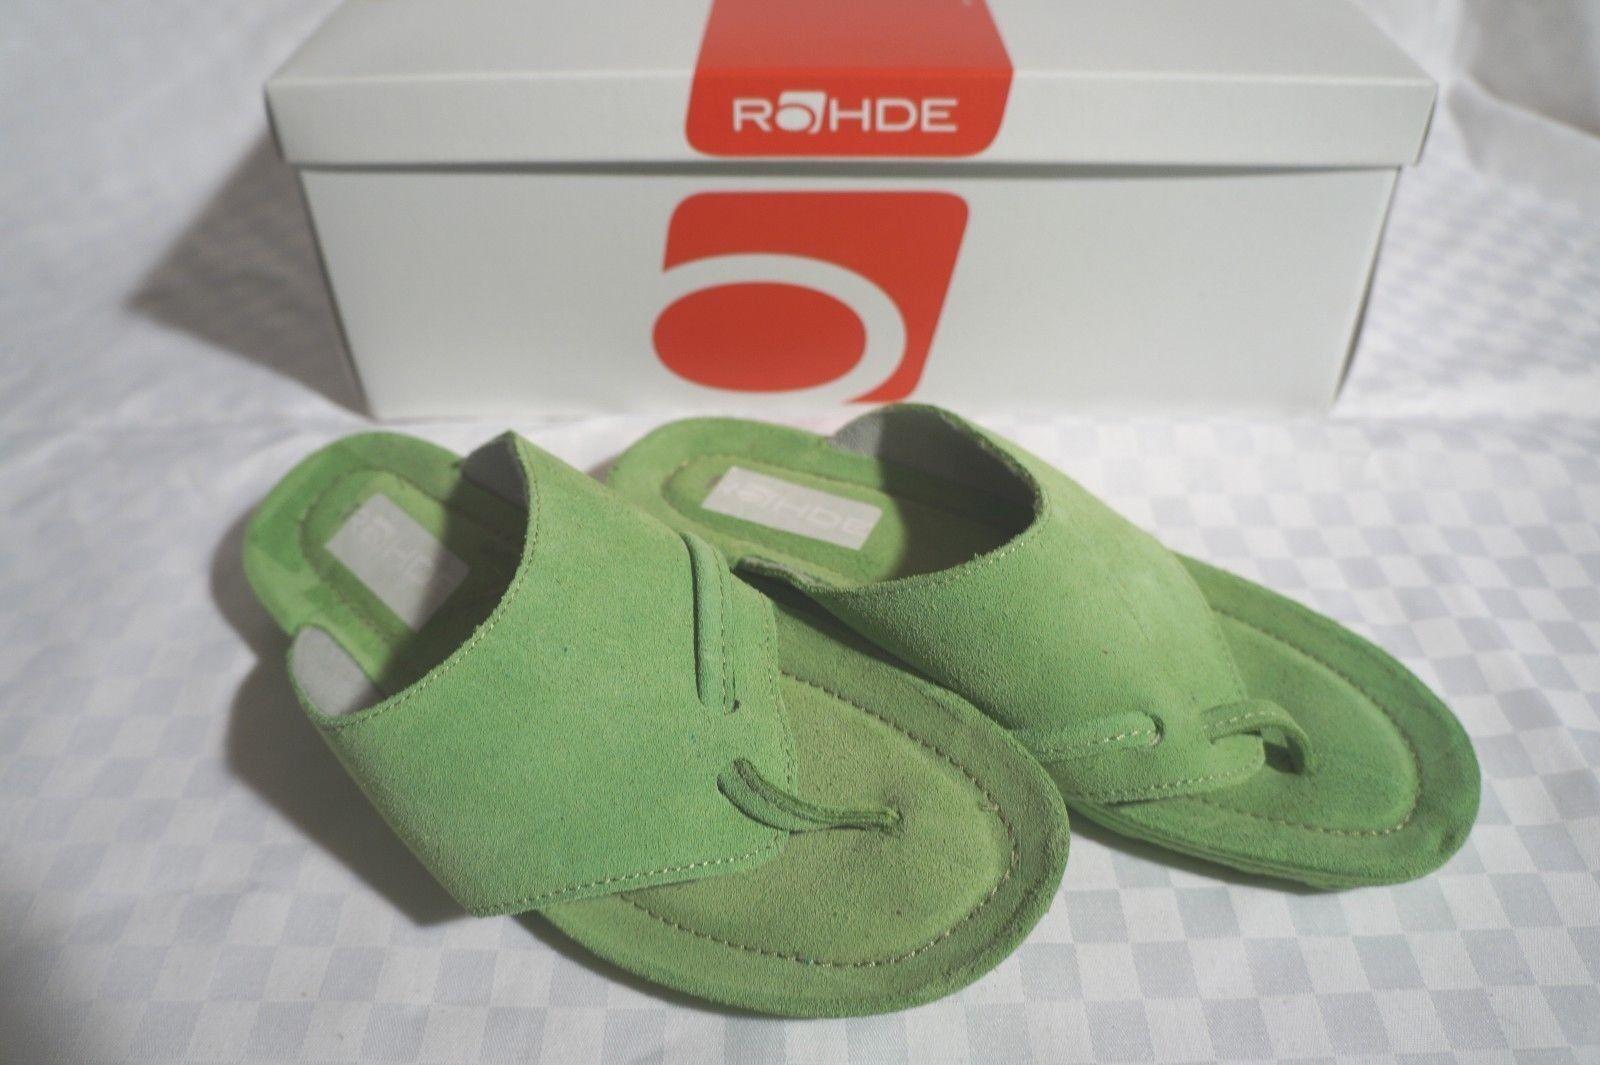 Rohde Zehentrenner 39 Pantolette Leder Gr. 39 Zehentrenner grün weiches Fußbett 03816b